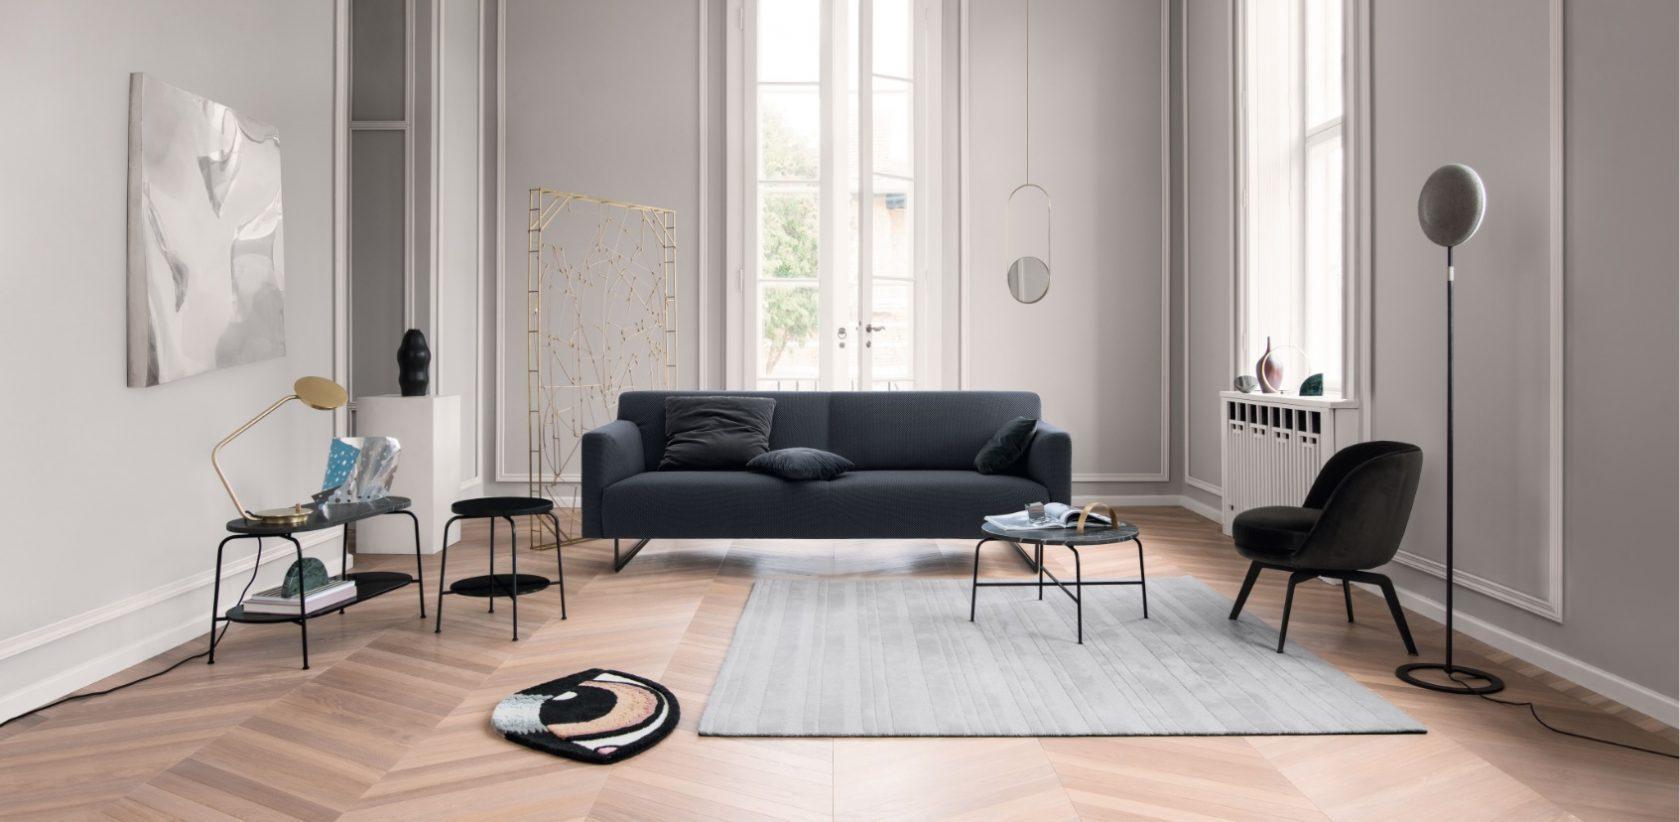 Een PVC vloer voor een fijne en luxe sfeer Banner Image